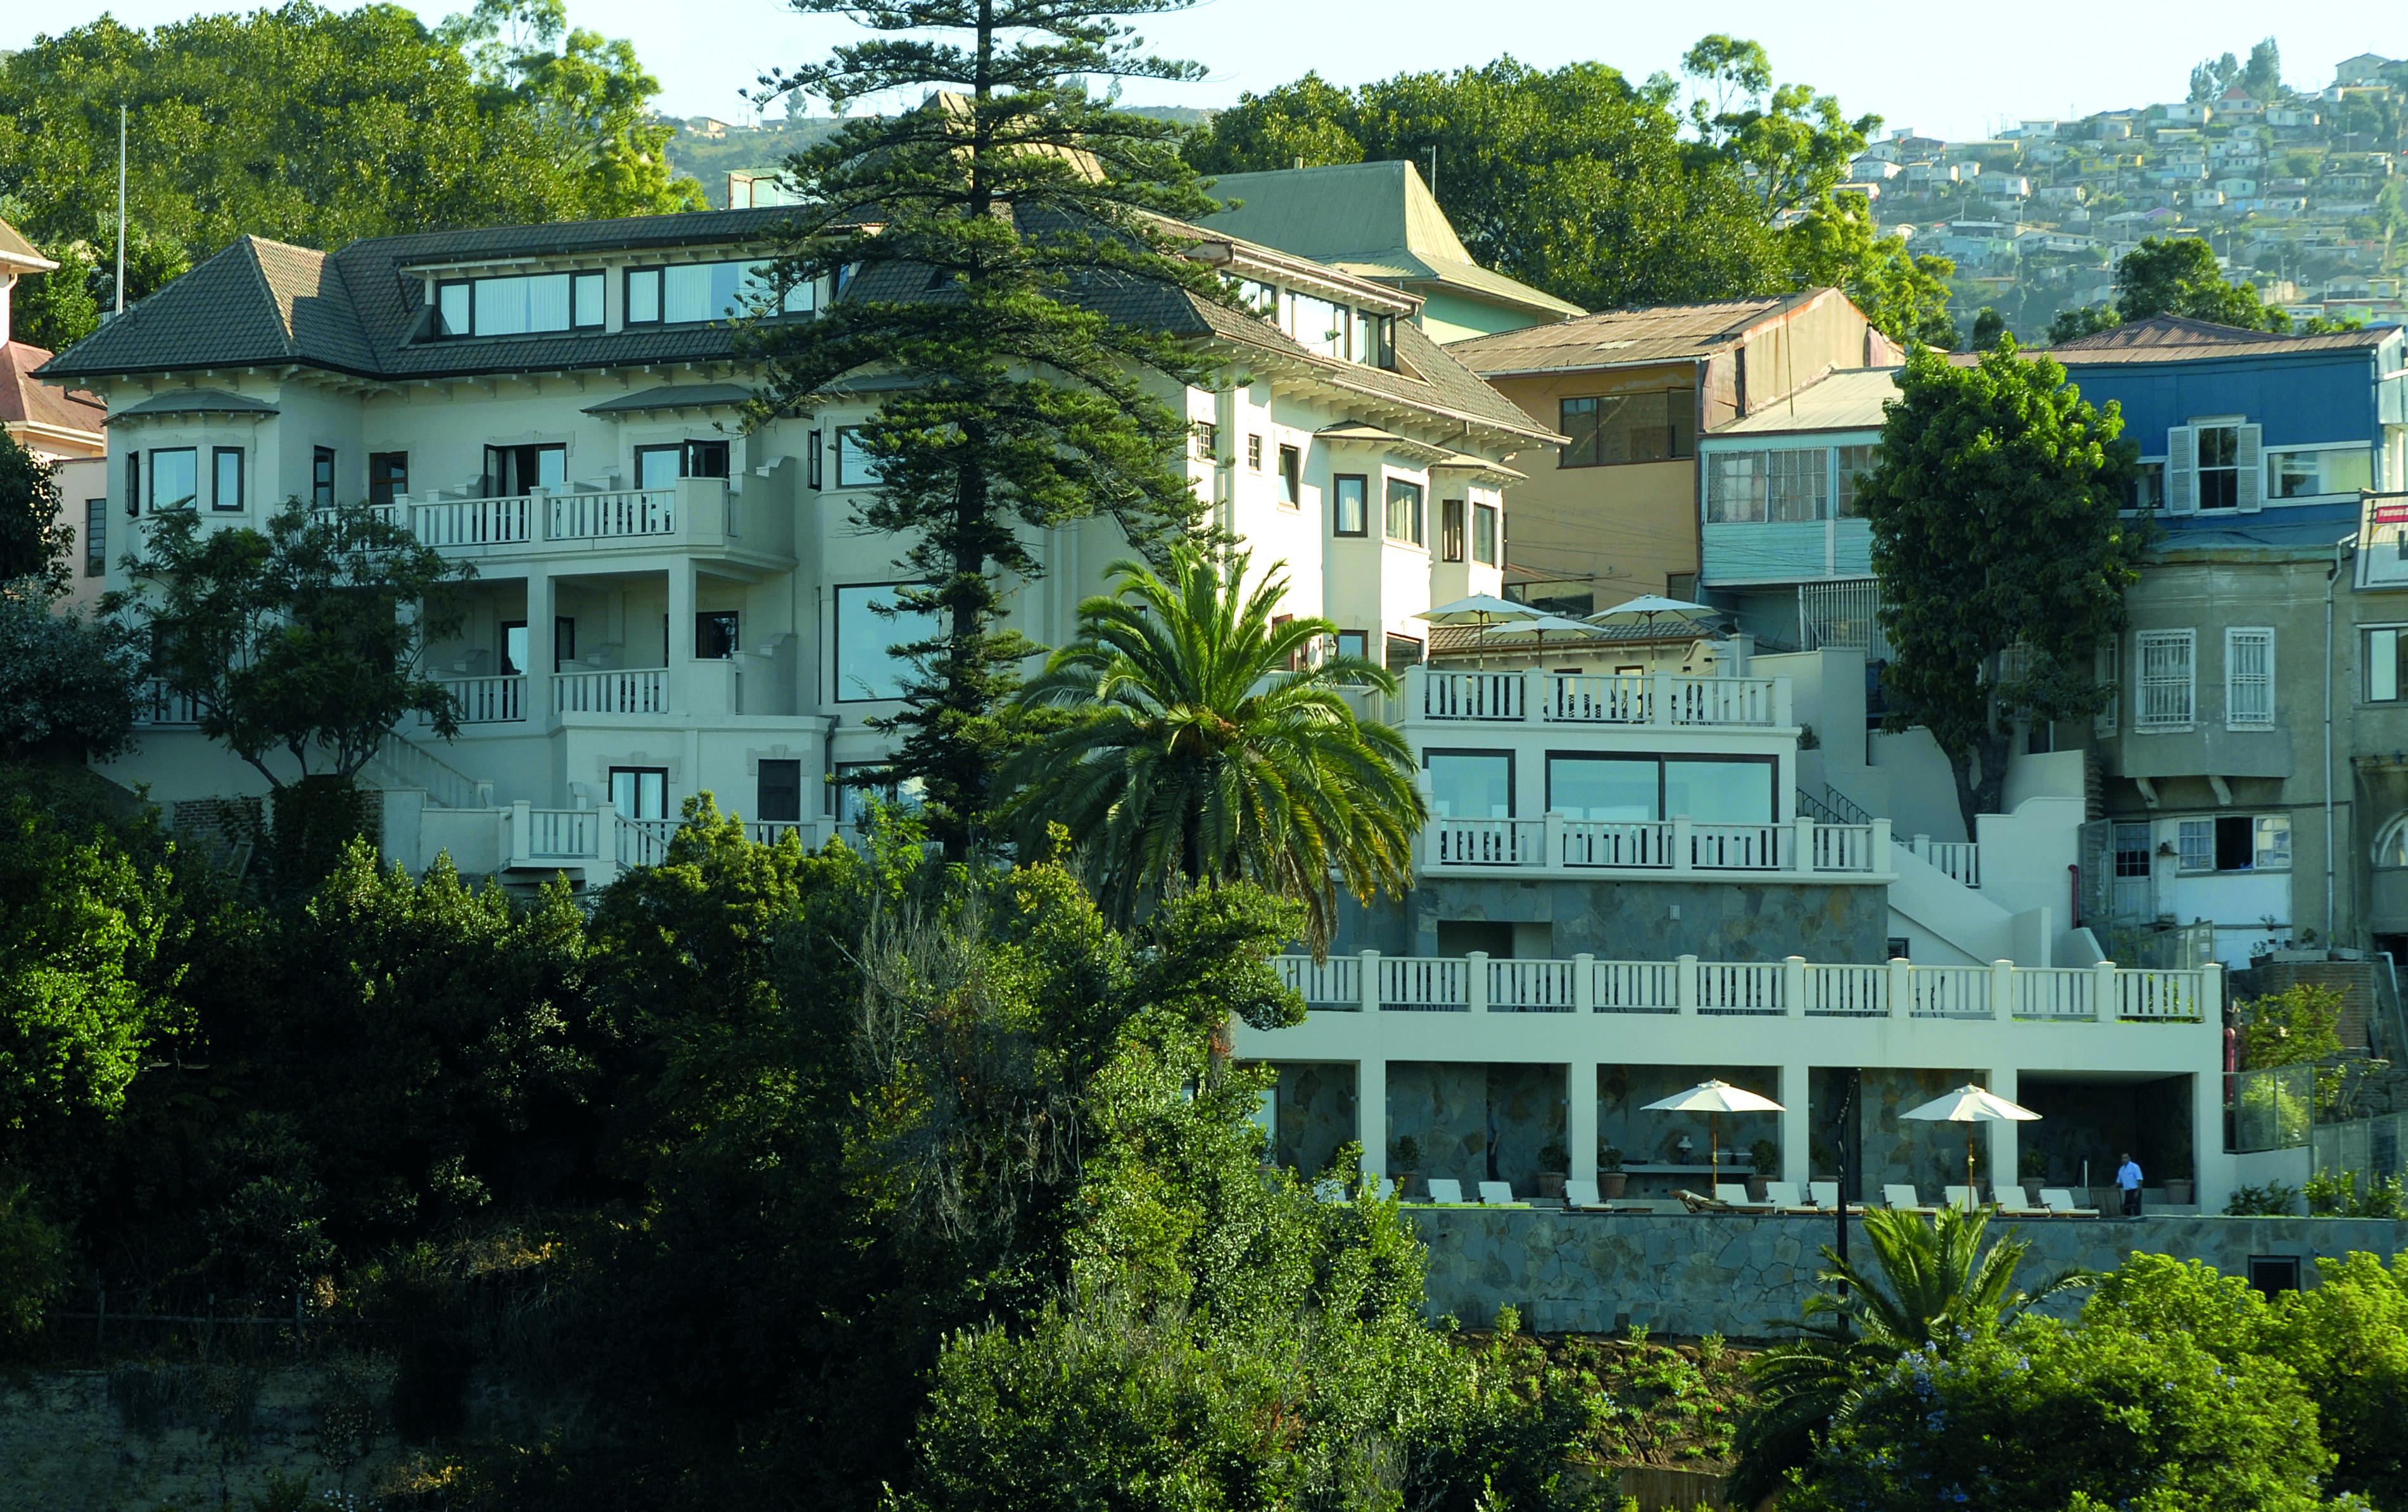 Fachada del Hotel Casa Higueras en Valparaíso